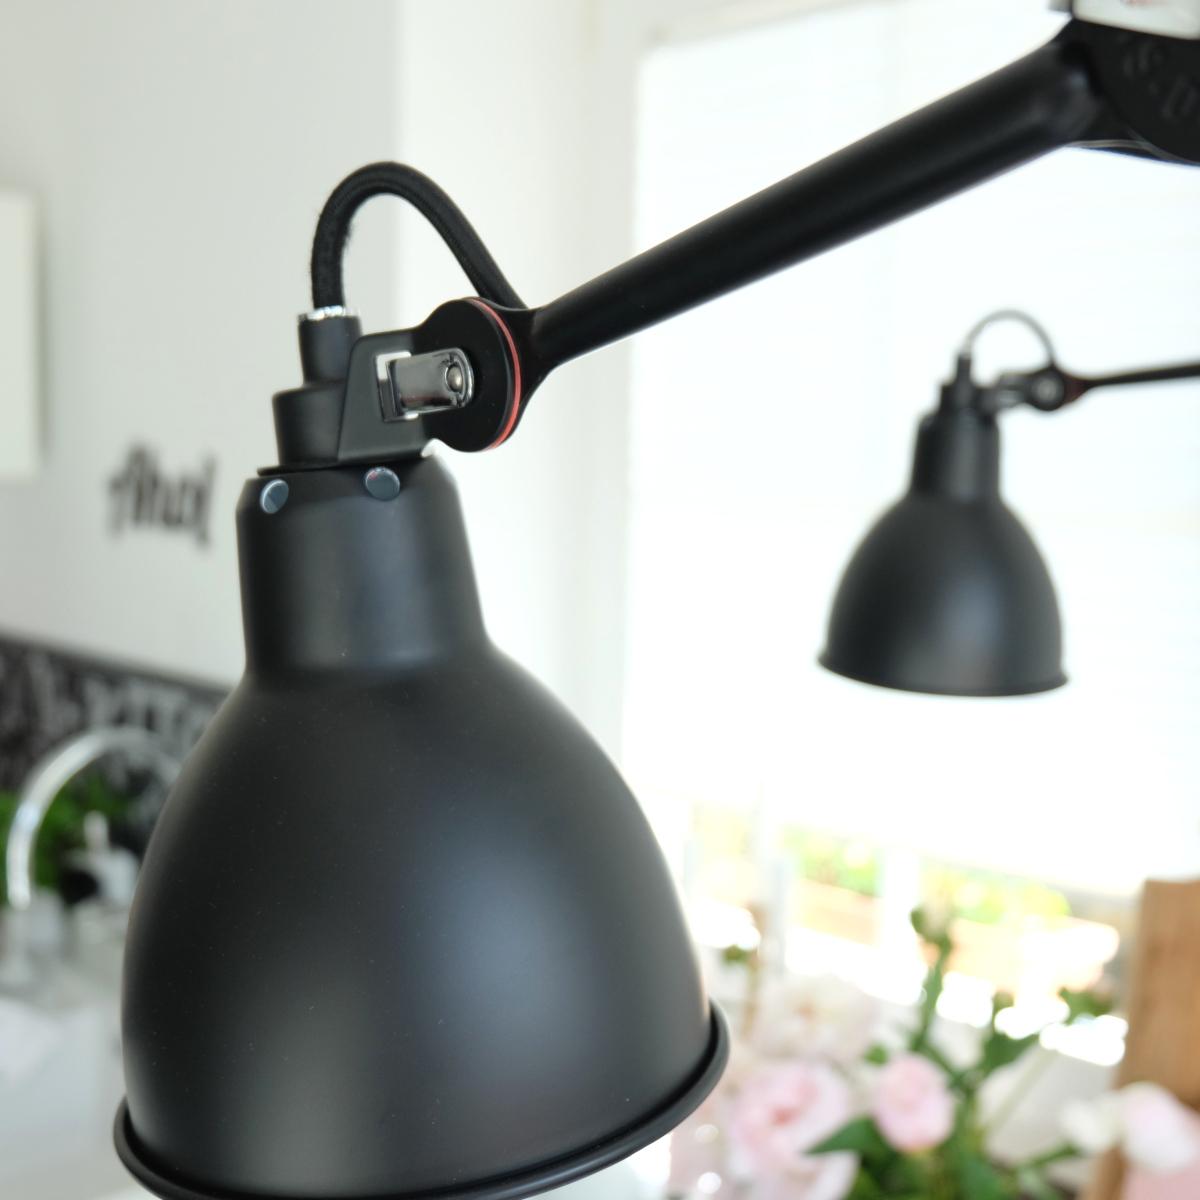 Full Size of Lampe Küche Light11 Dcw Kche 9 Solebenwir Mit Tresen Ikea Kosten Wandfliesen Granitplatten Einbauküche Weiss Hochglanz Wohnzimmer Tapeten Für Die Wandbelag Wohnzimmer Lampe Küche